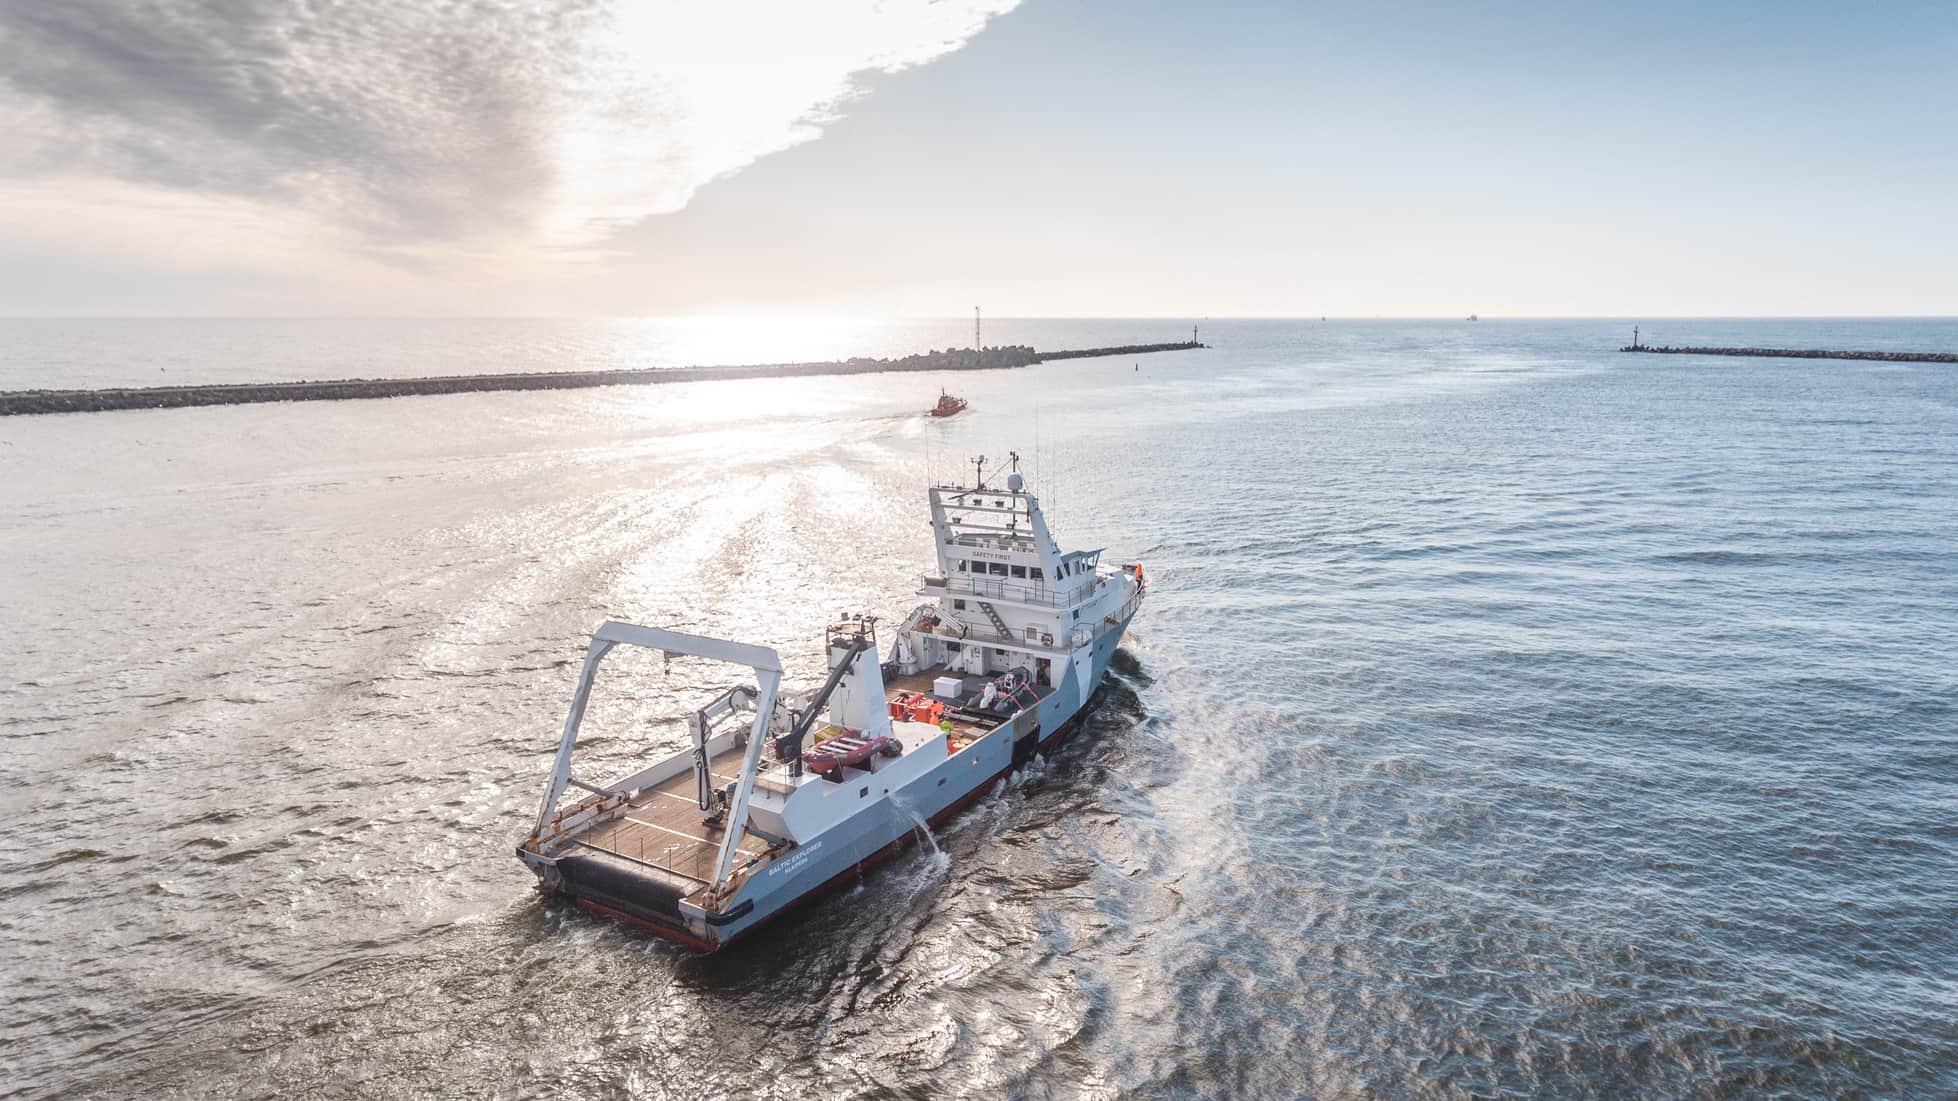 Laivas įeinantis į uostą